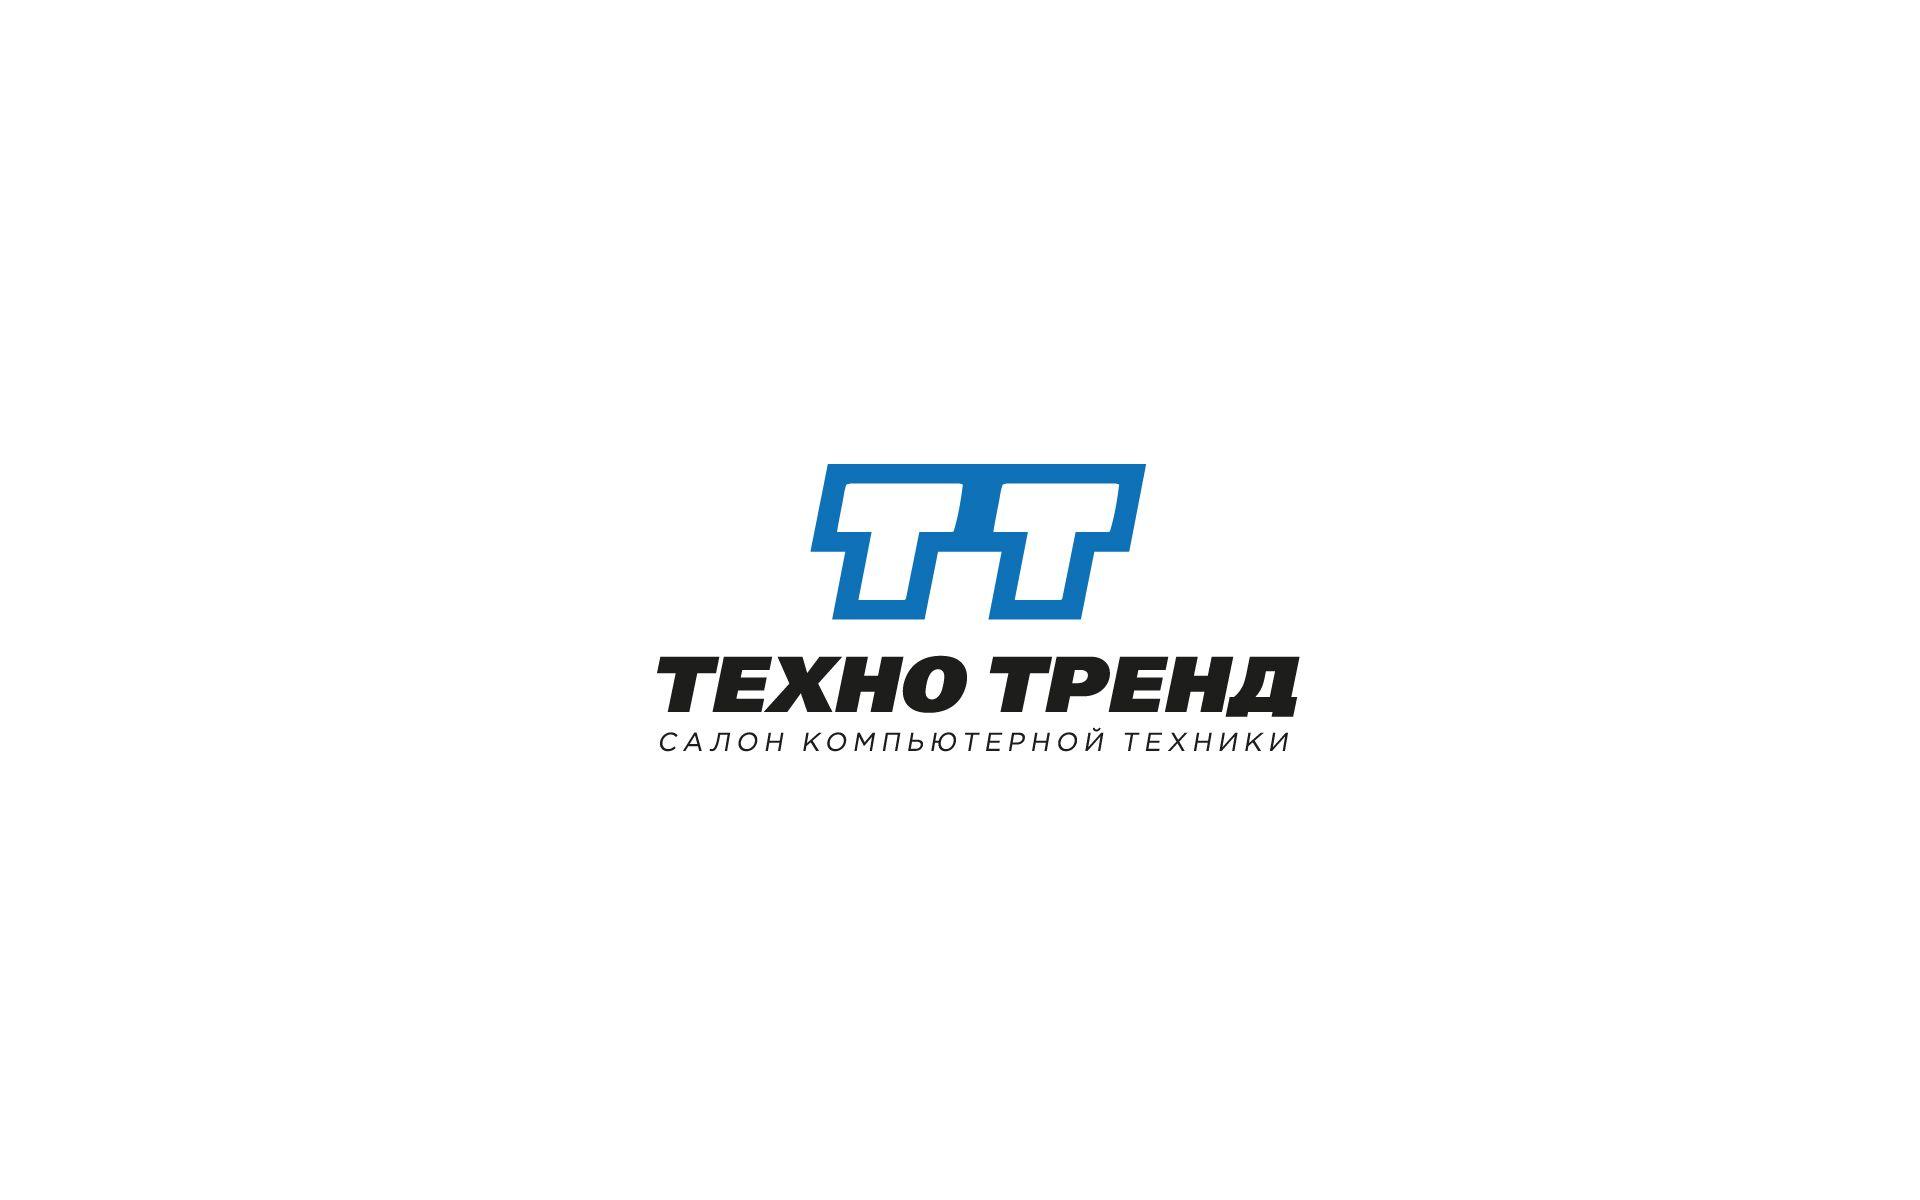 Лого и фирм. стиль для ИТ-компании - дизайнер U4po4mak